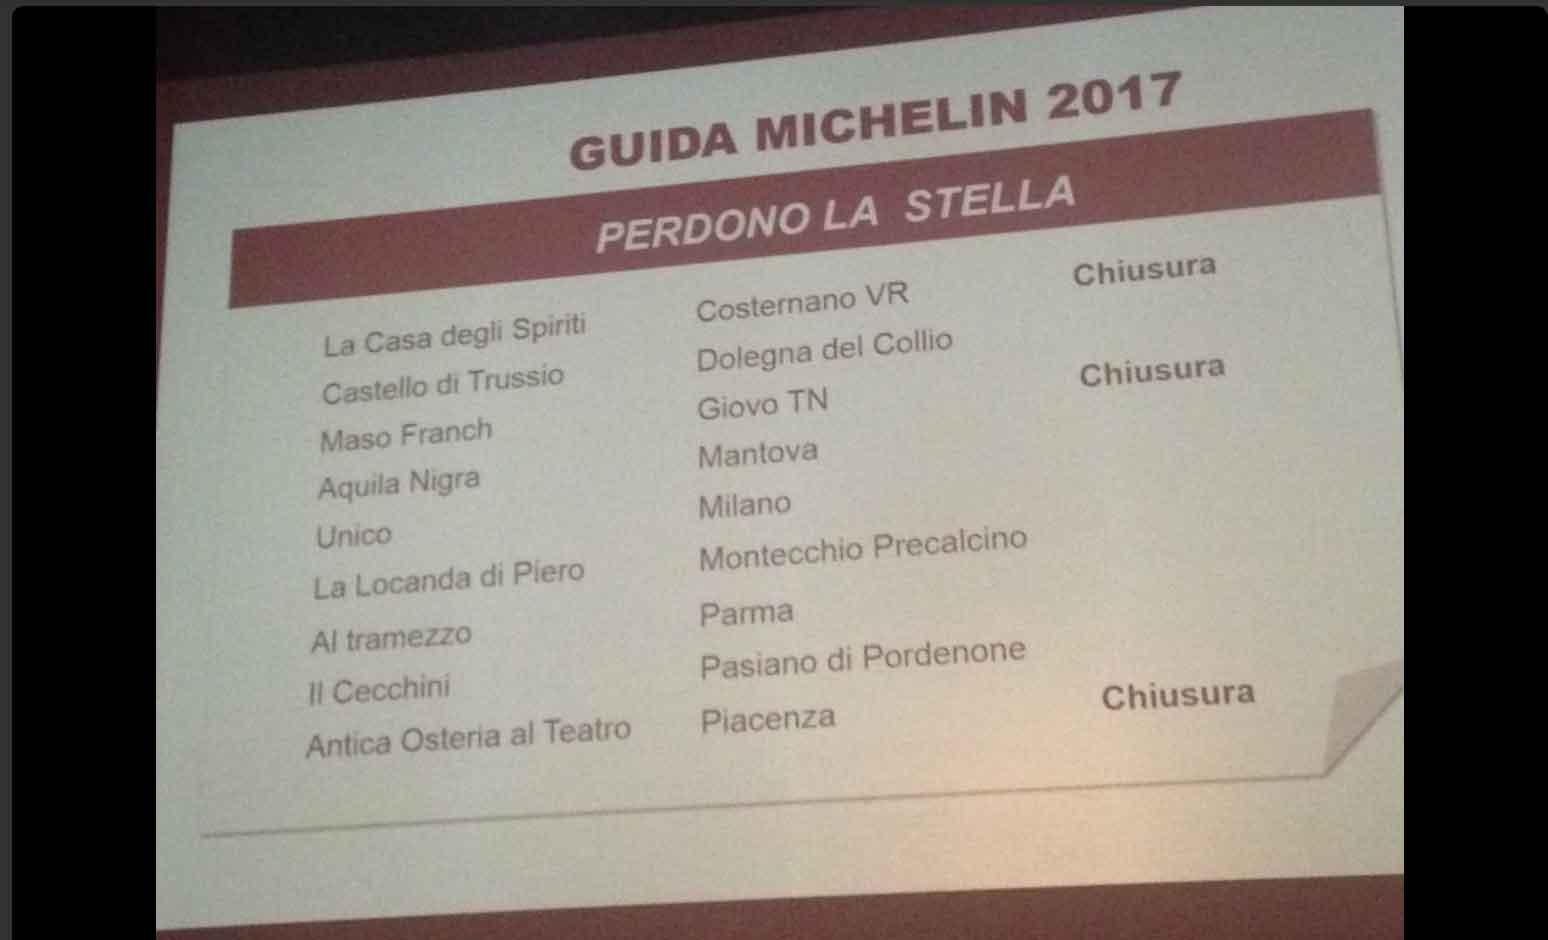 stelle-perse-michelin-2017-2